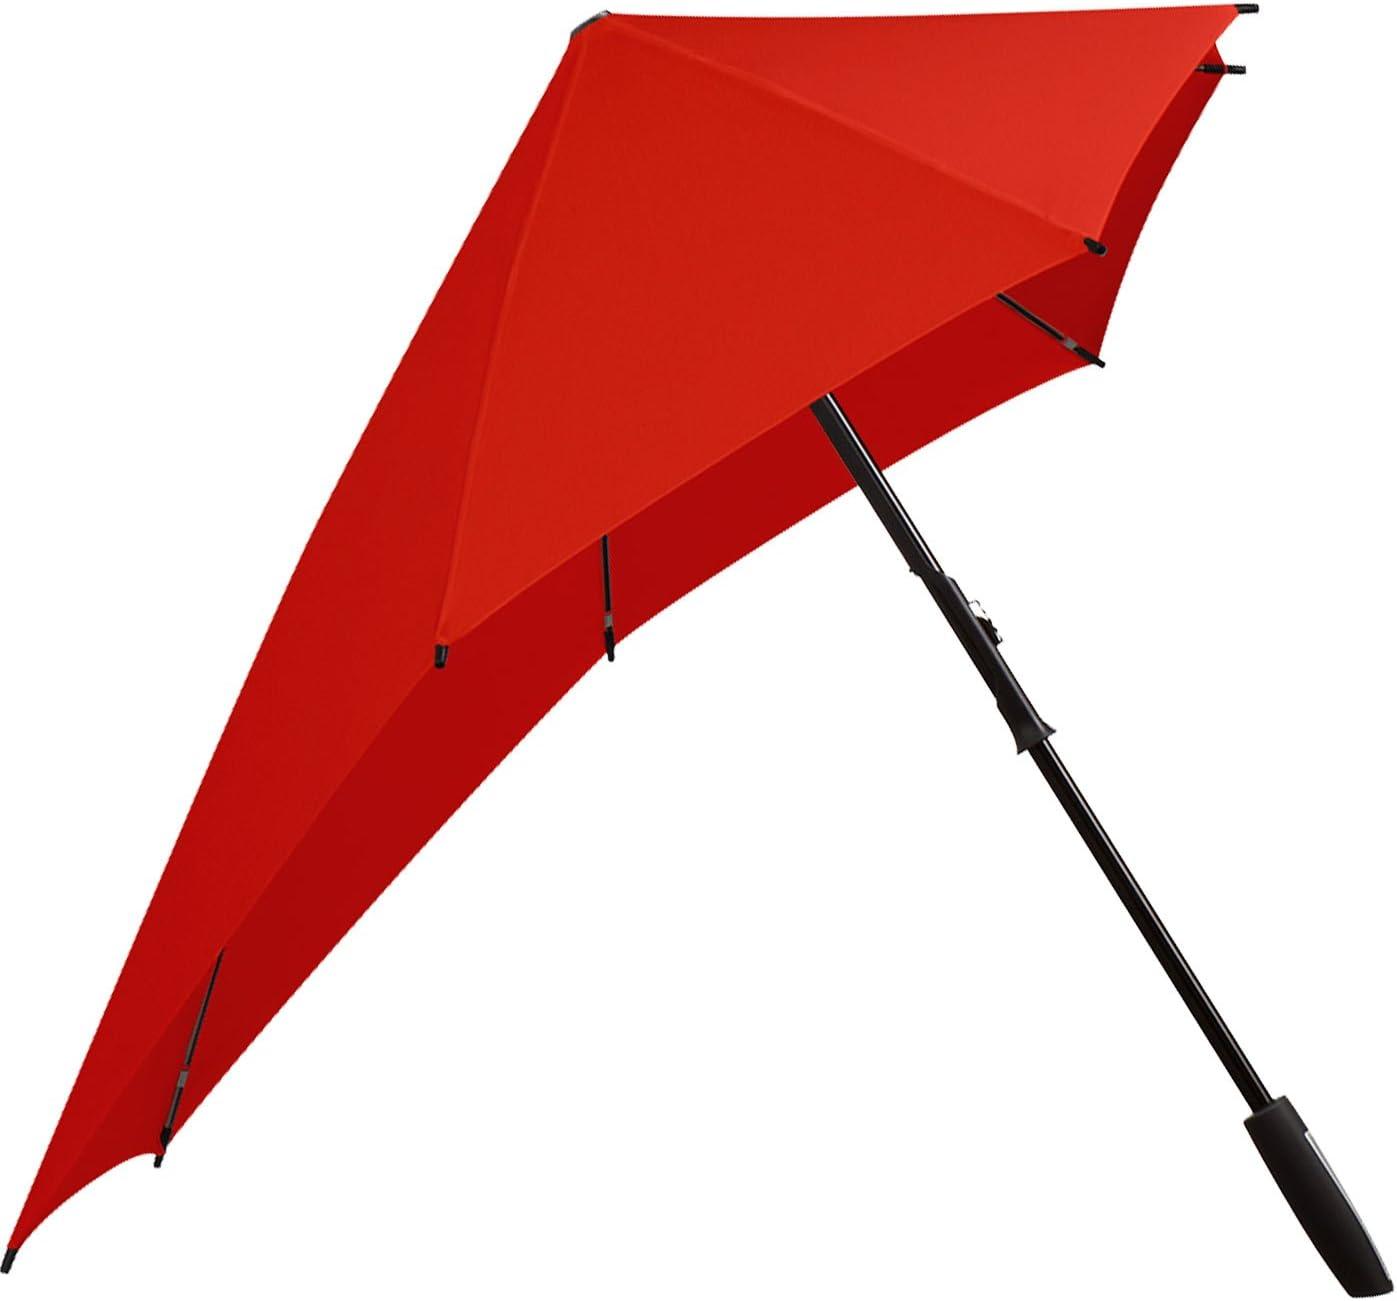 Velvet Green Senz Manual Compact Foldable Storm Proof Umbrella